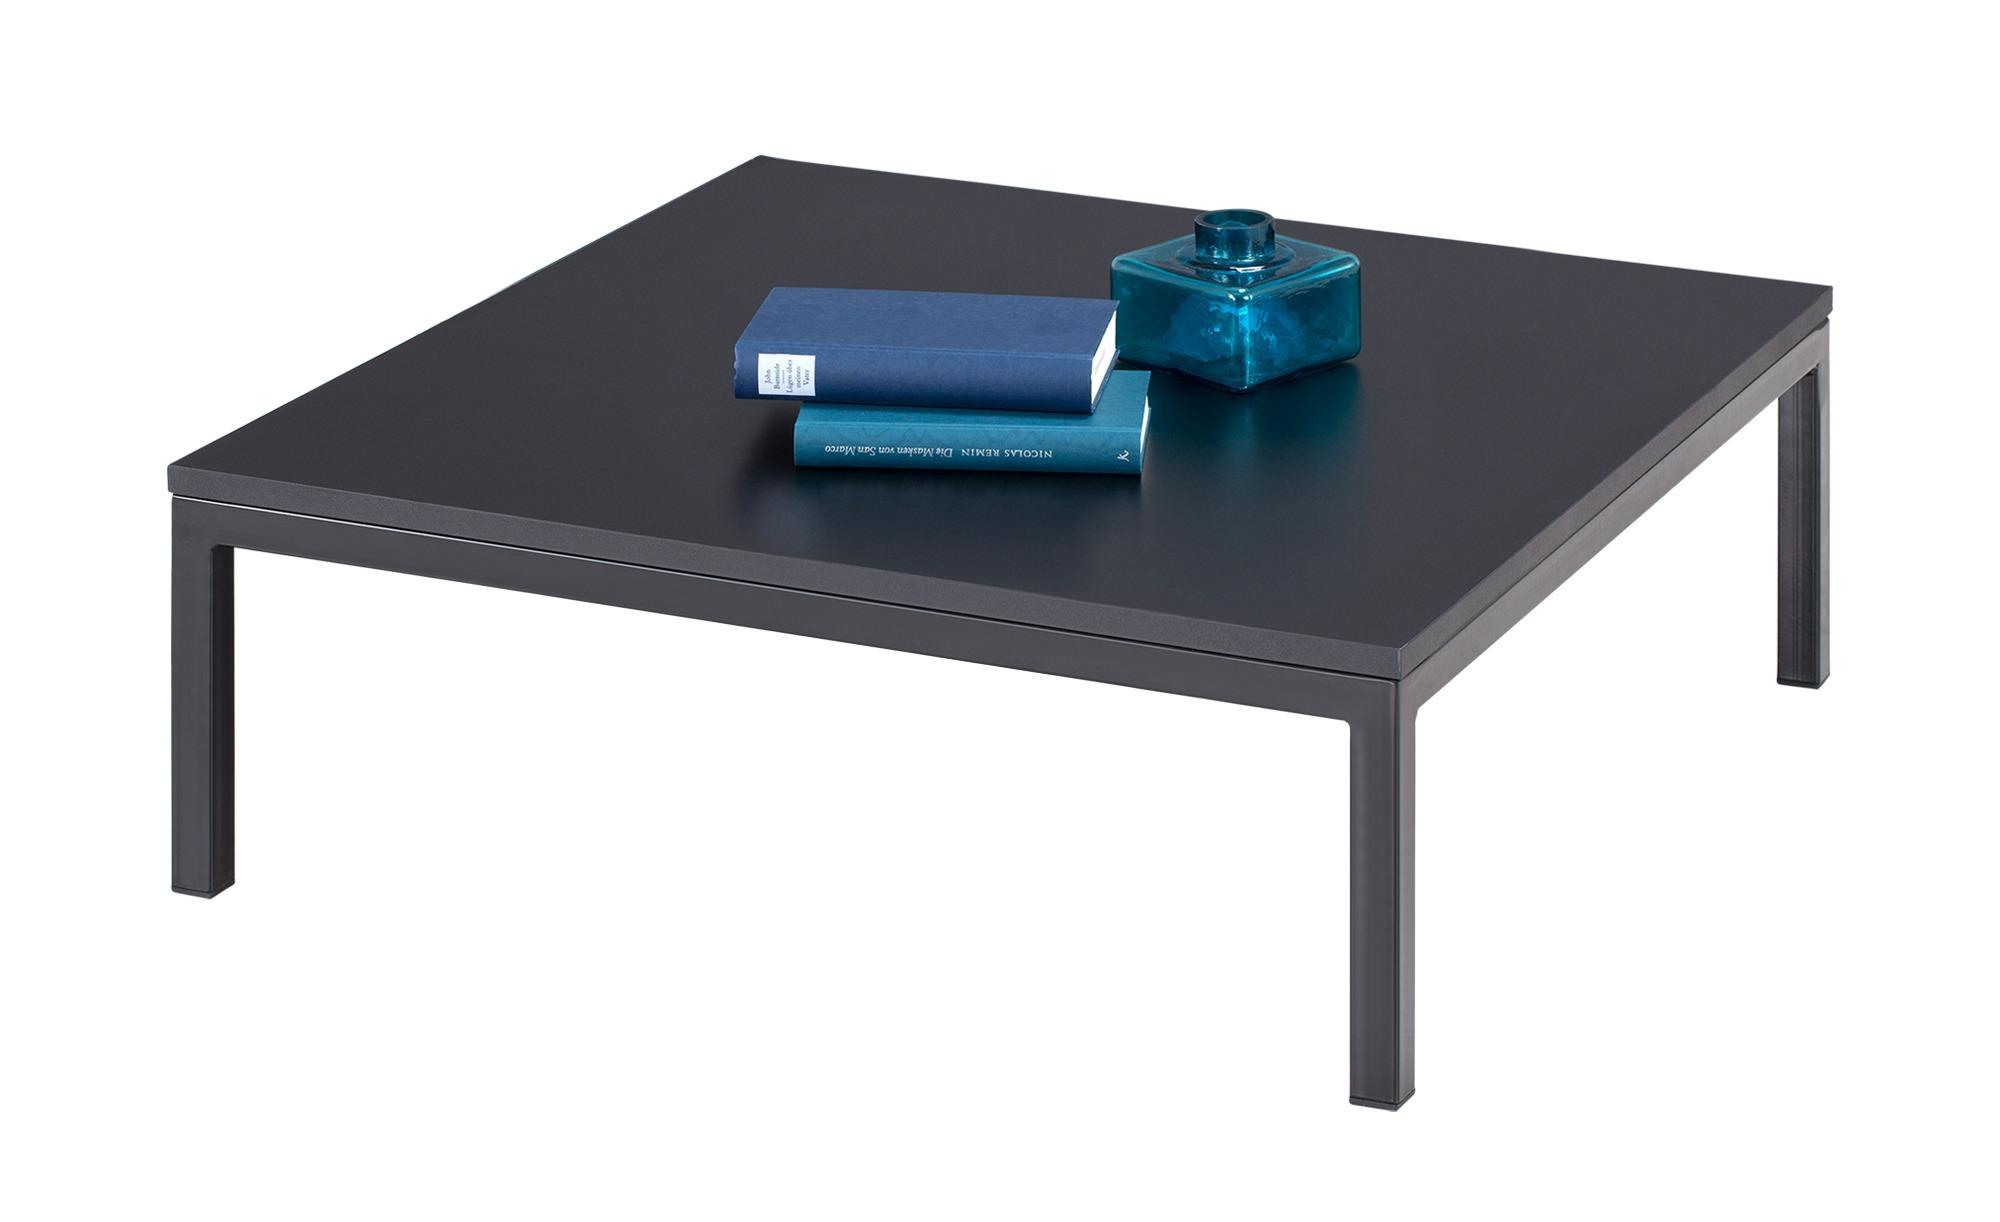 Couchtisch  Laura ¦ schwarz ¦ Maße (cm): B: 80 H: 30 T: 80 Tische > Couchtische > Couchtische rechteckig - Höffner